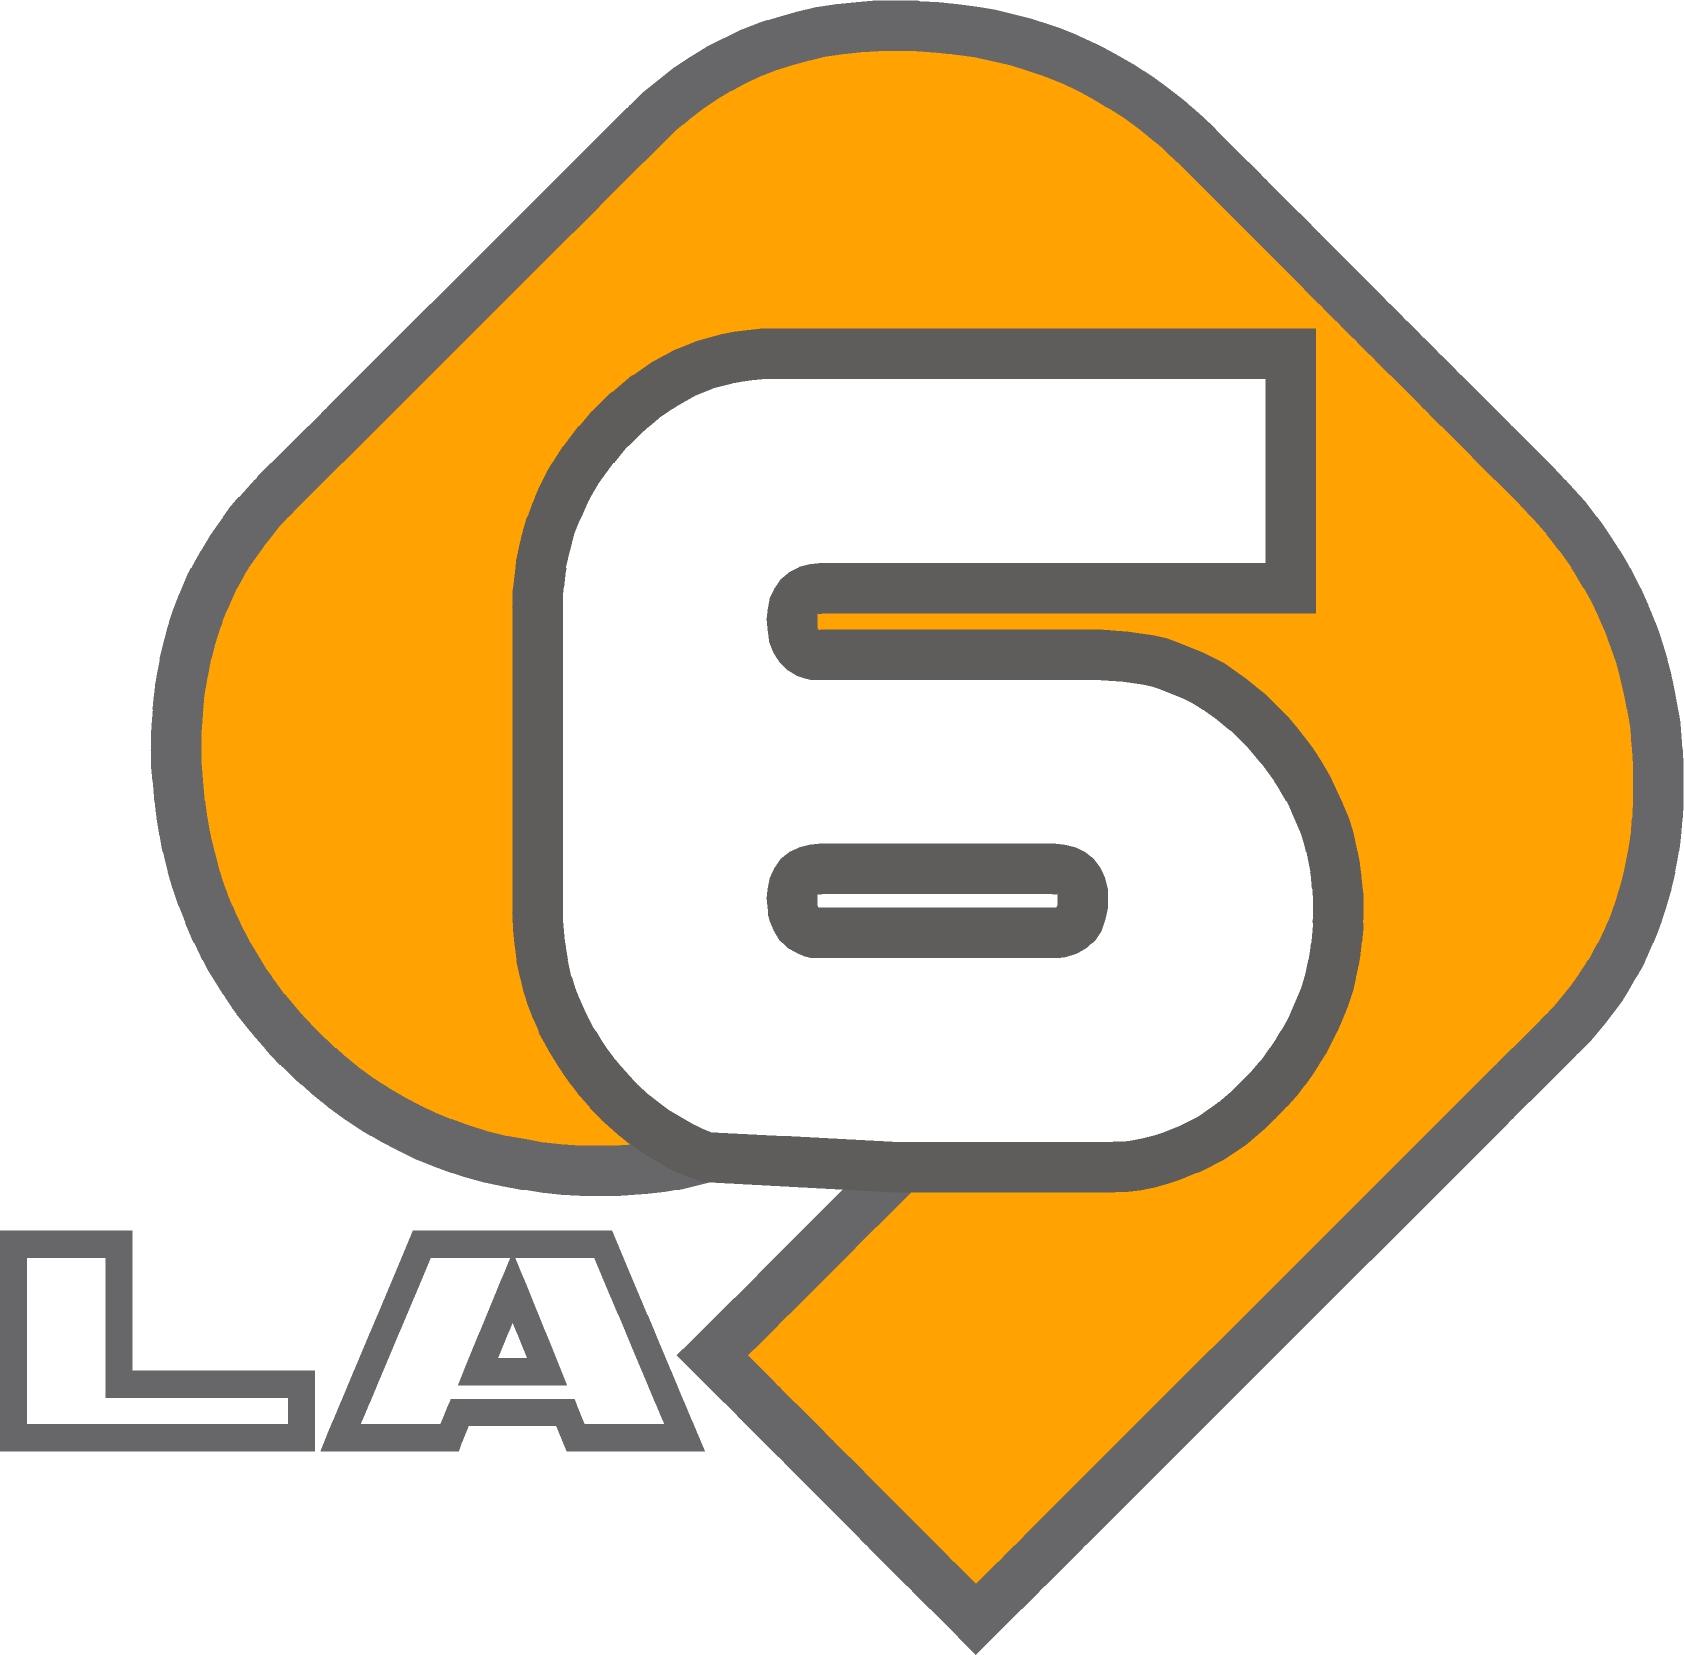 la 6 - DTT. Lombardia: Bobbiese acquista La 6 (LCN 86)